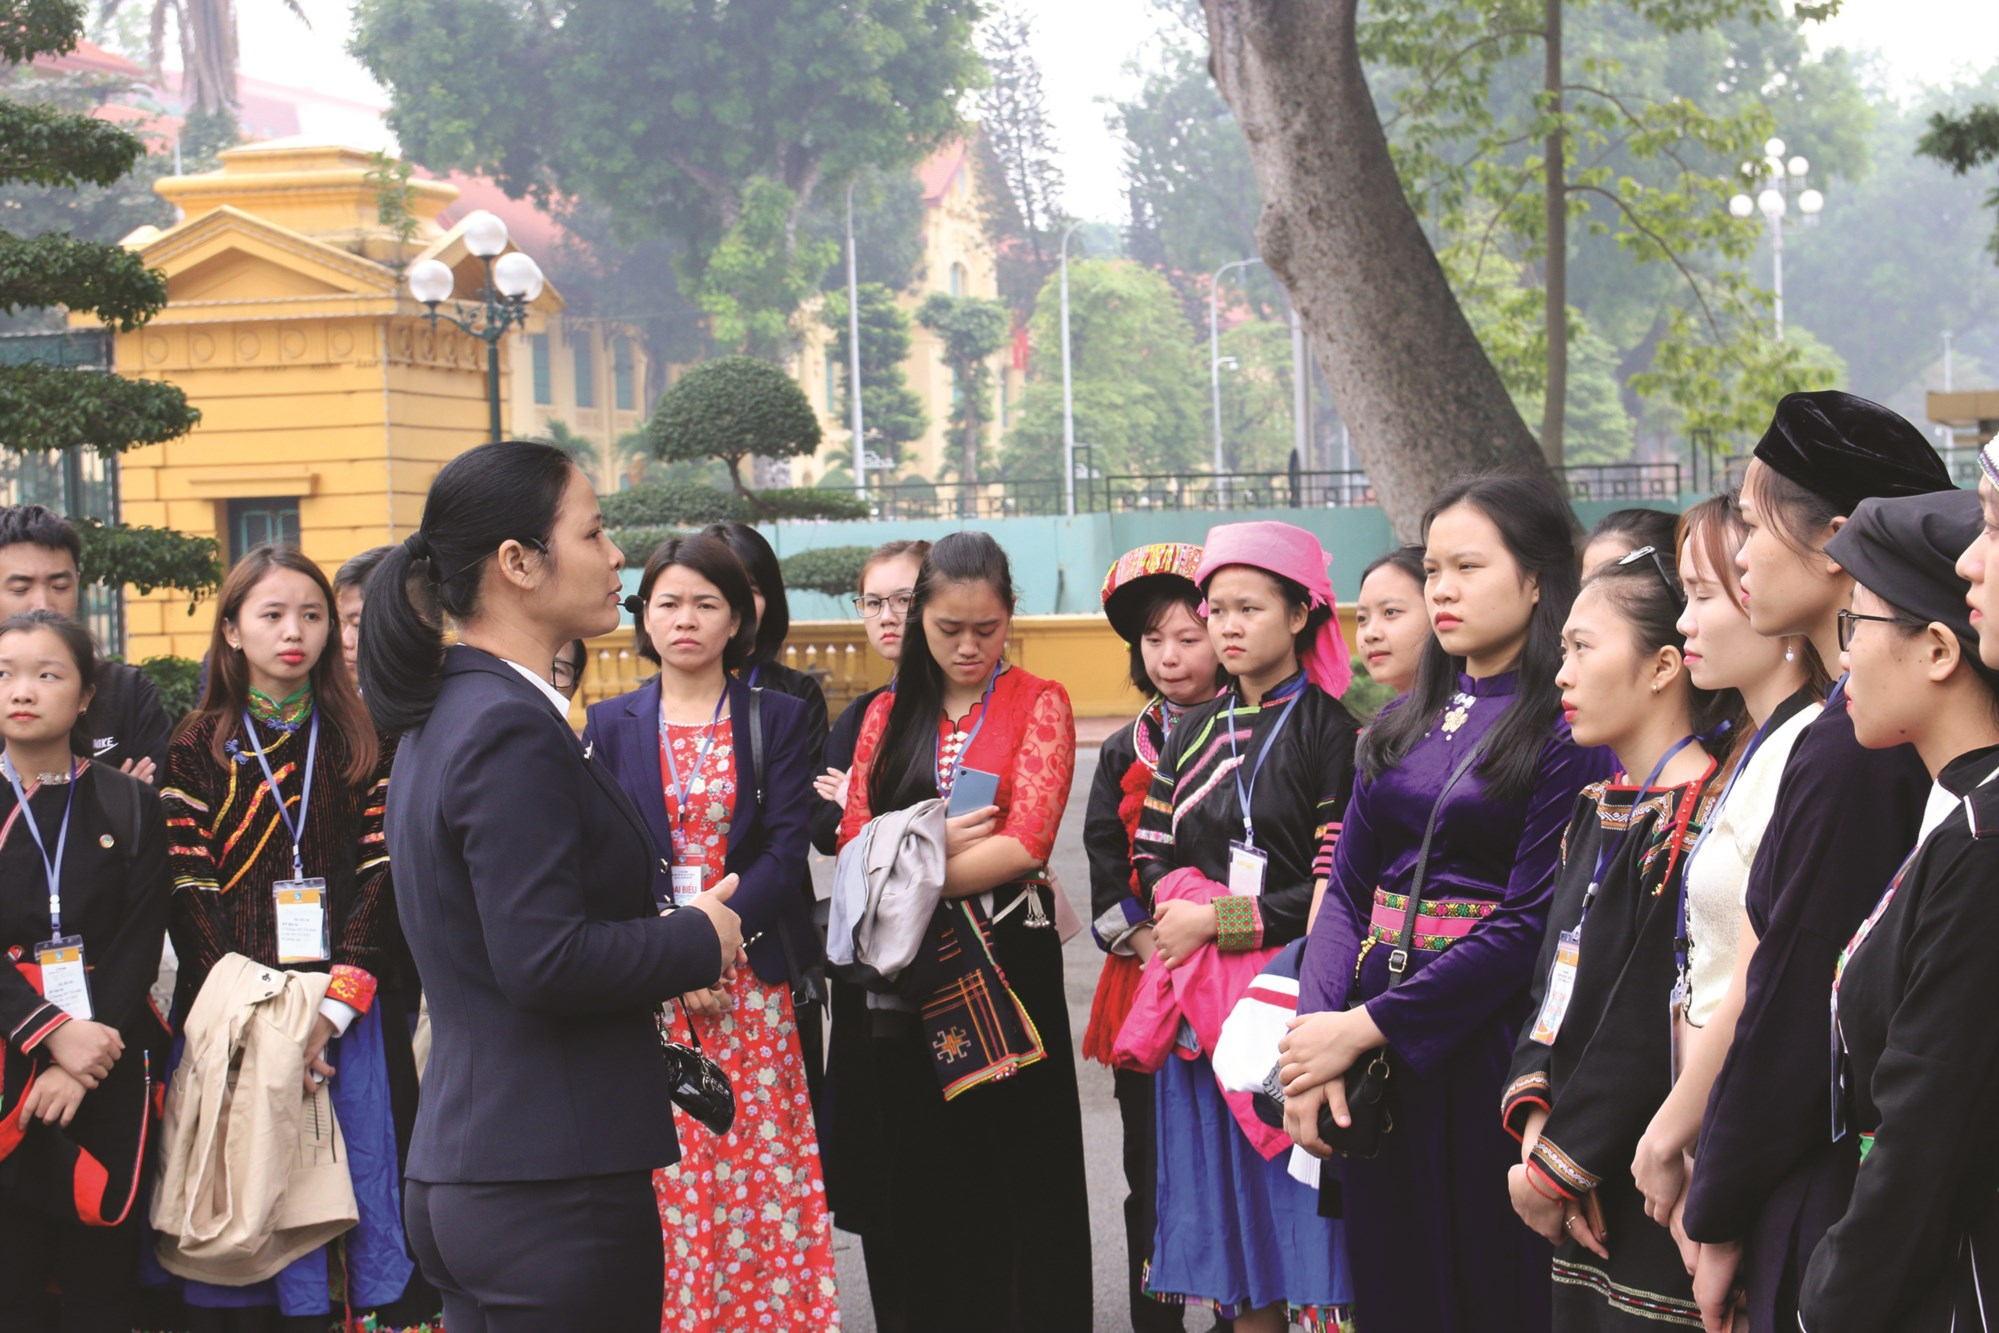 Các em học sinh, sinh viên DTTS xuất sắc, tiêu biểu tại Khu di tích Phủ Chủ tịch trong kỳ Tuyên dương năm 2018.